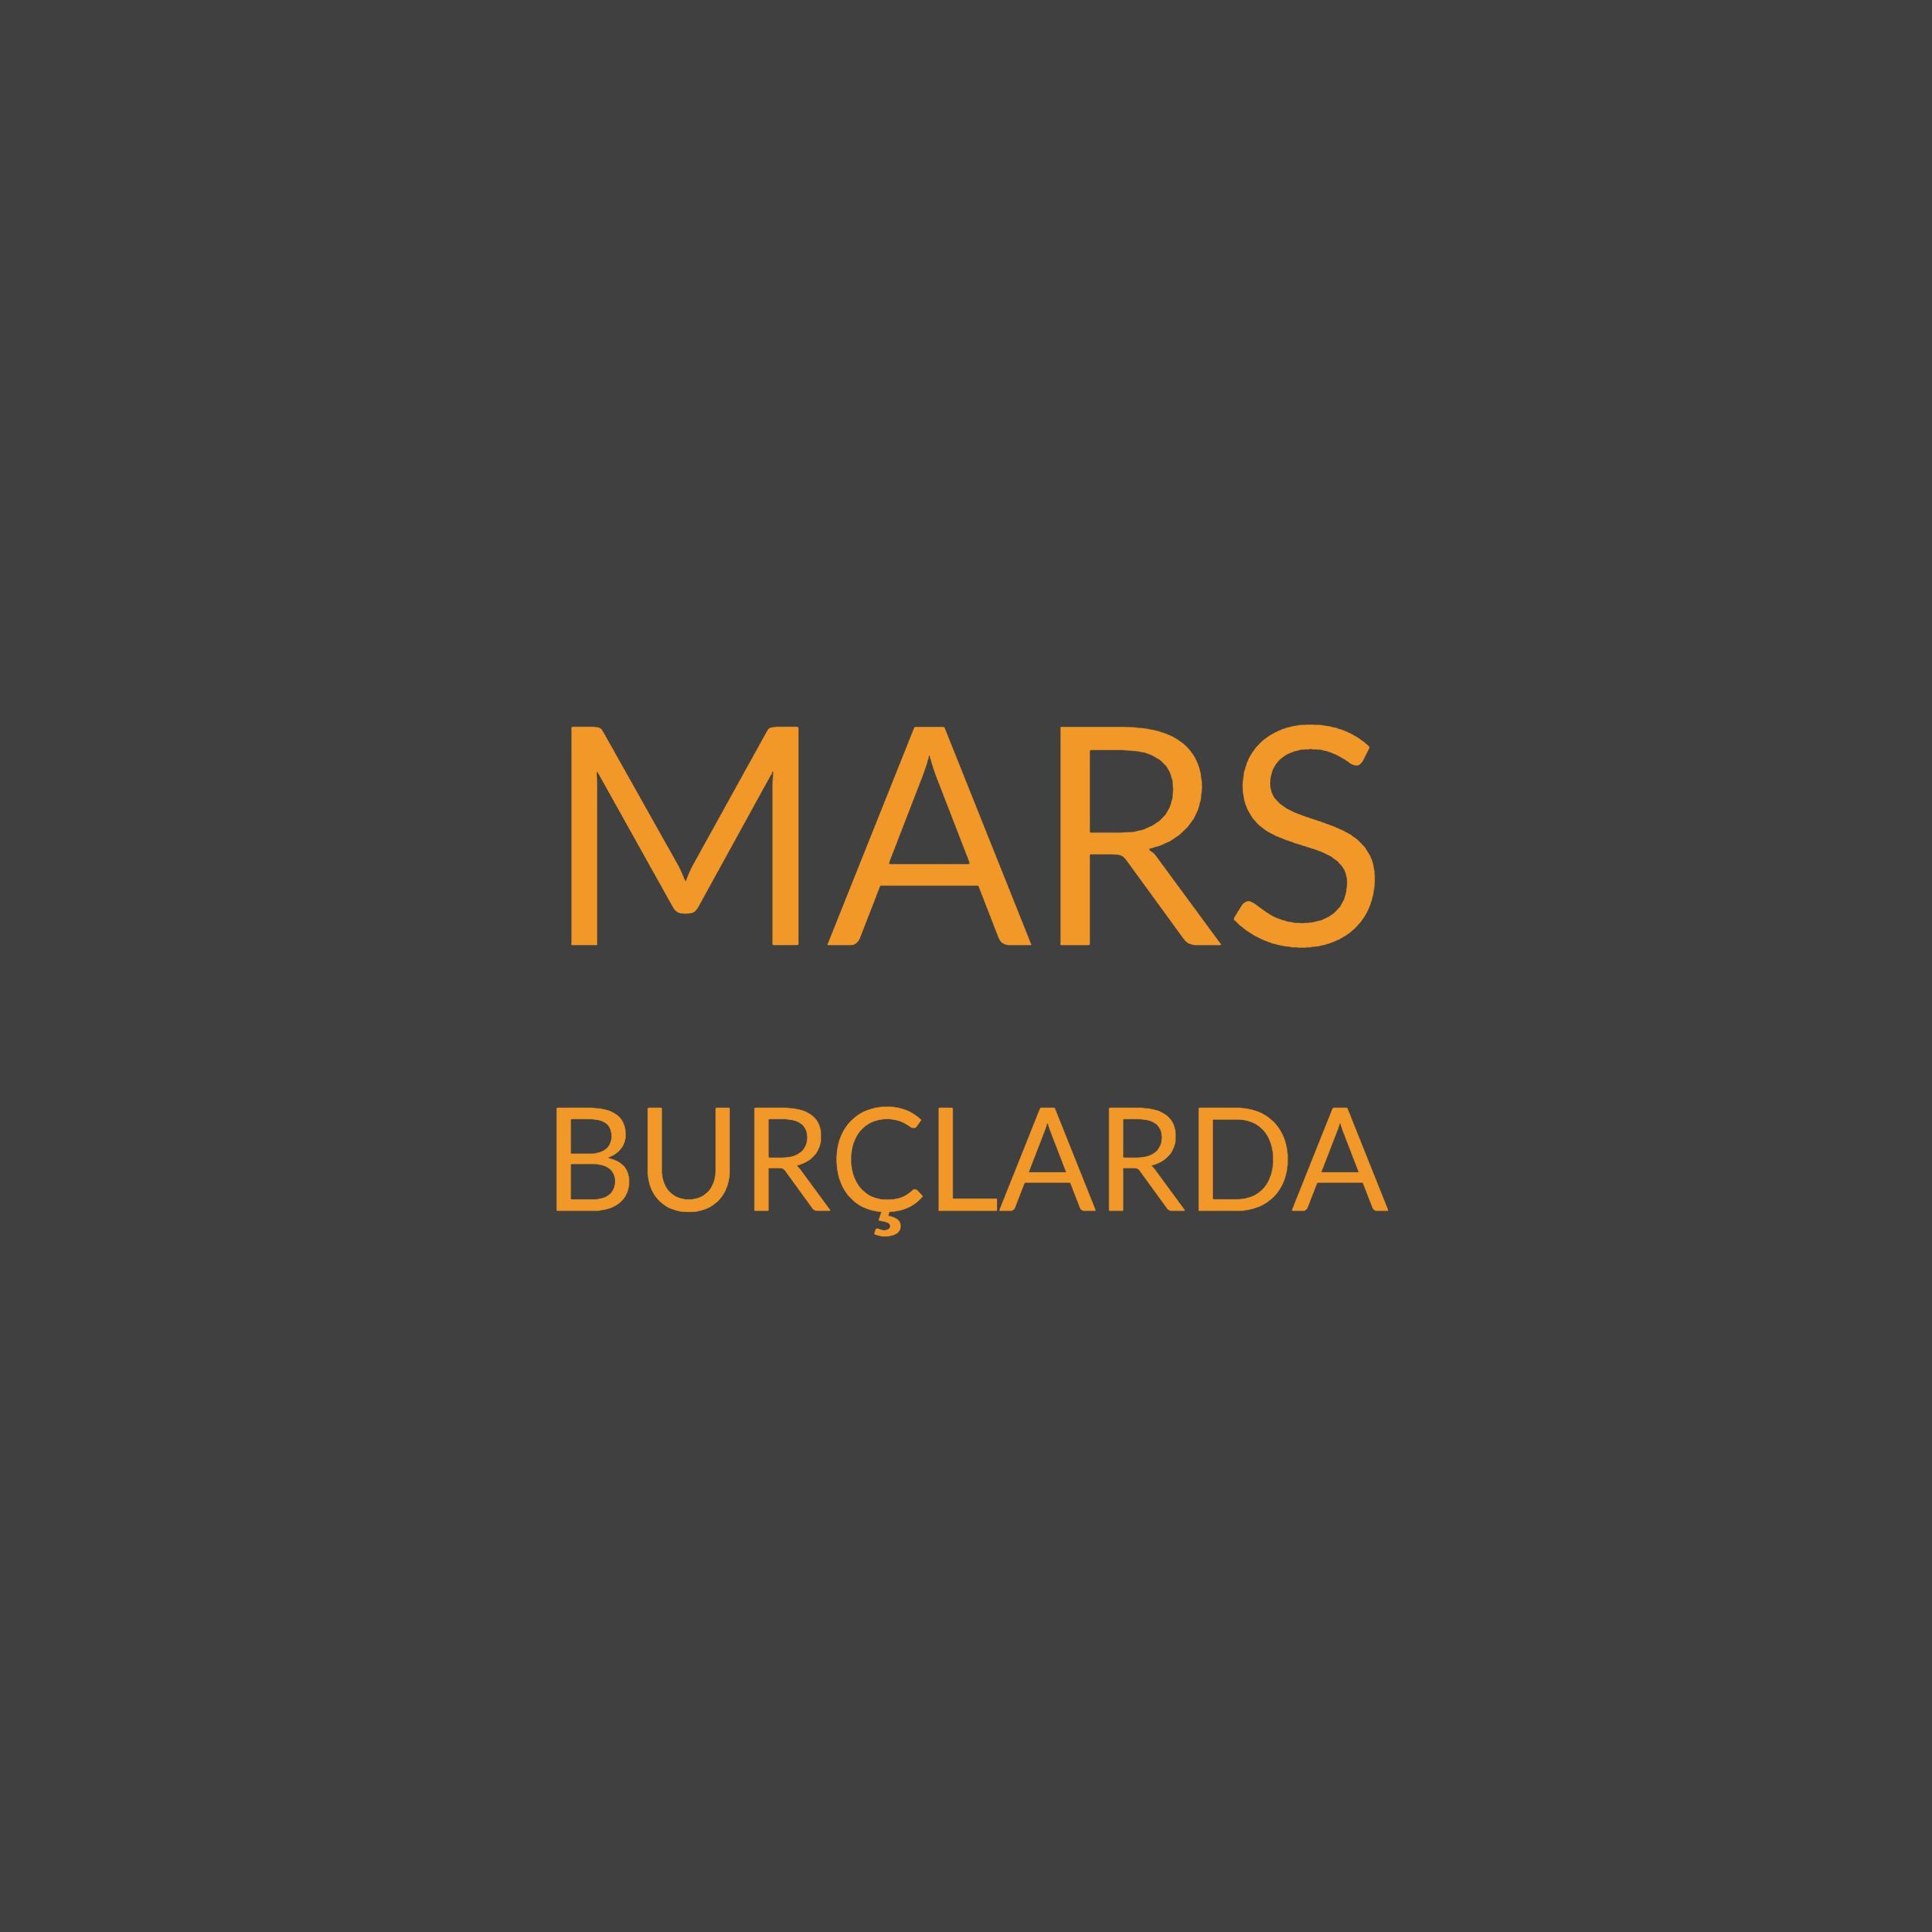 MARS BURÇLARDA